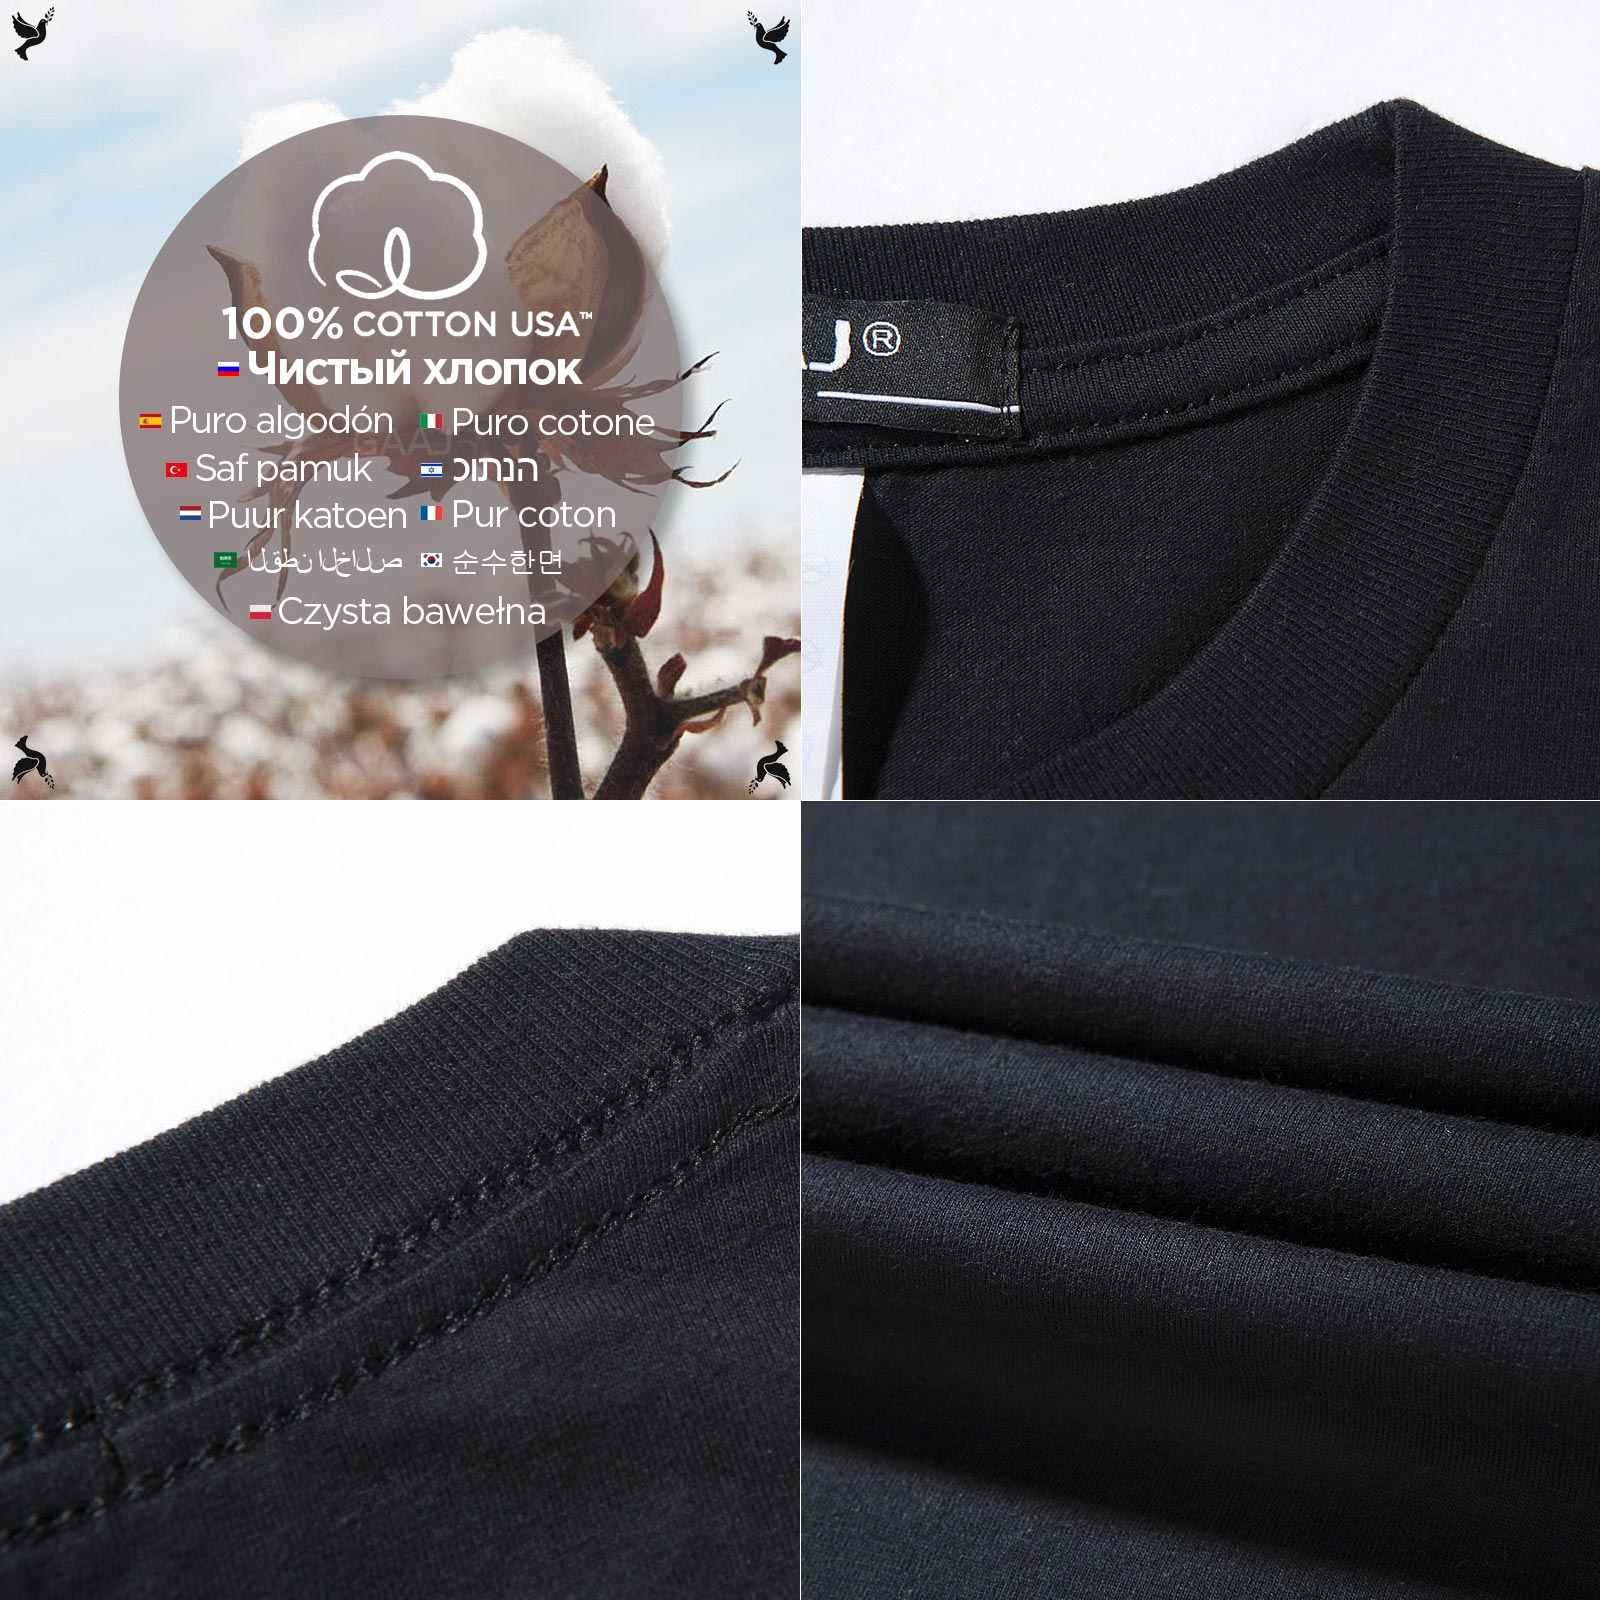 男性 Tシャツ綿 100 2 個個ロット Tシャツベーシックブランク Tシャツメンズ Tシャツ 2 パック固体トップストリート tシャツストリート